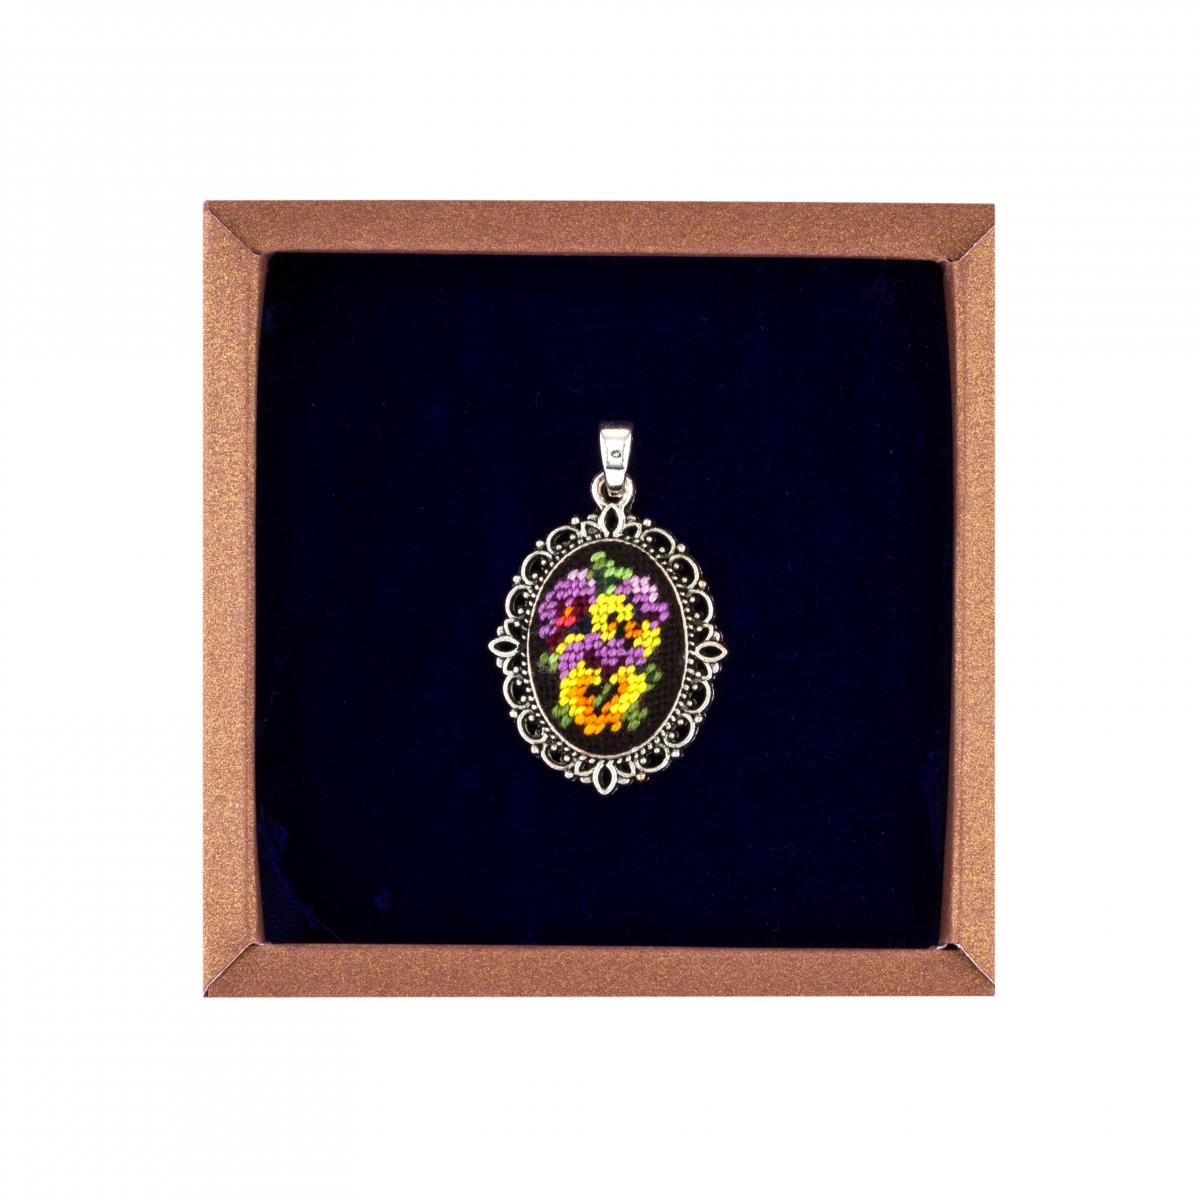 Кулон с яркими цветами в технике микровишивки. Фото №1.   Народный дом Украина